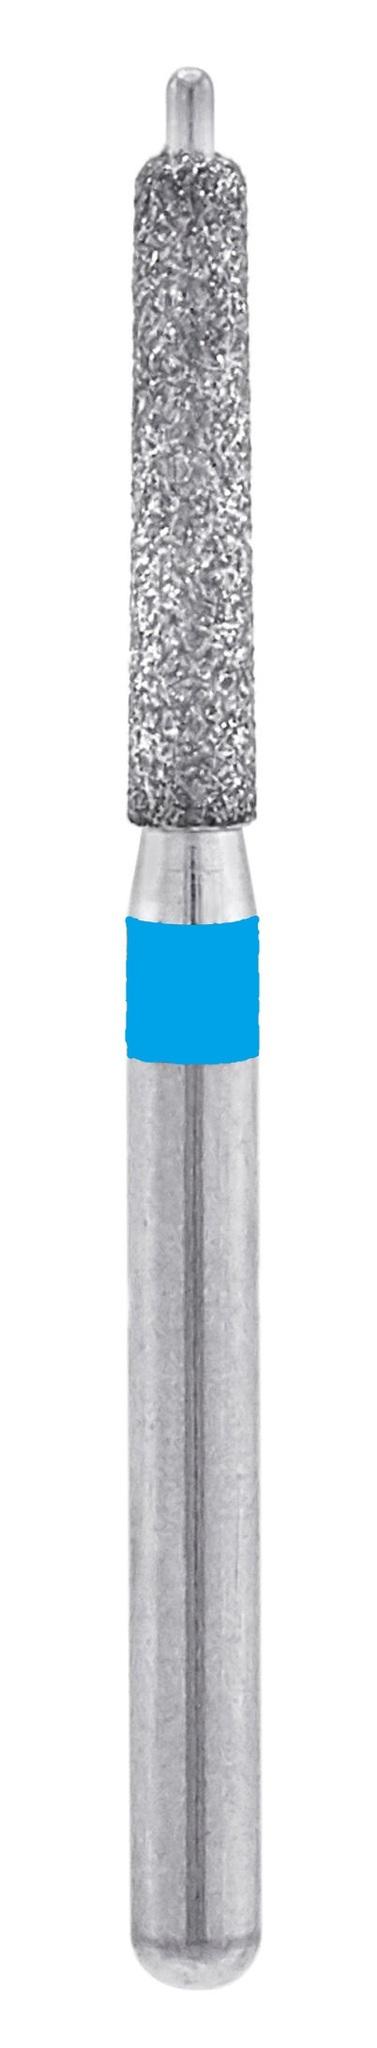 FG 508/016 Бор алмазный SS WHITE